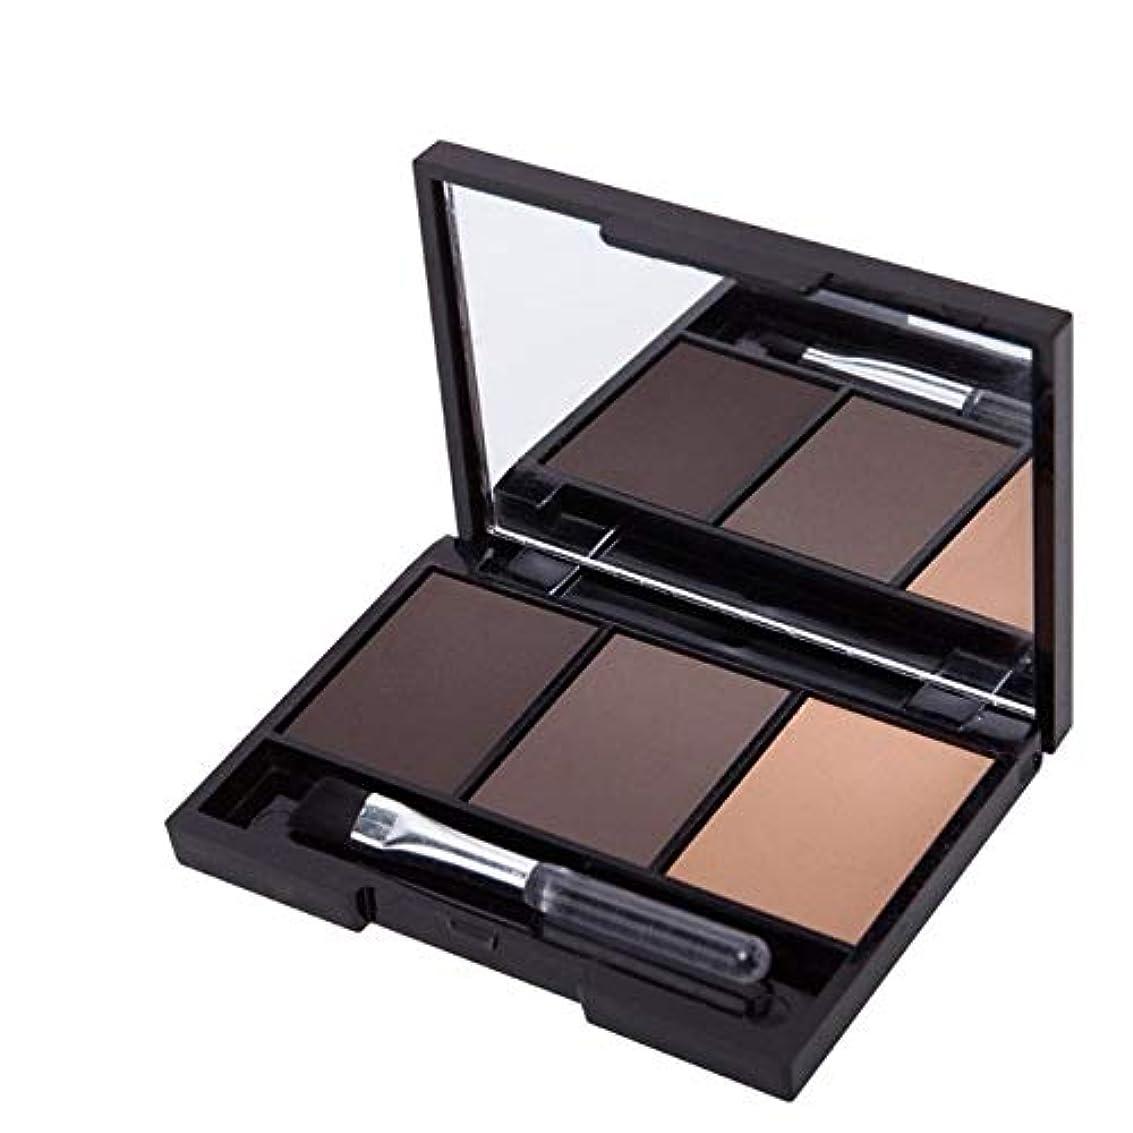 電報採用するリーン美容アクセサリー プロフェッショナルキットロングラスティングアイブロウシャドウパレット、ソフトブラシとミラー付き(1) 写真美容アクセサリー (色 : 2)